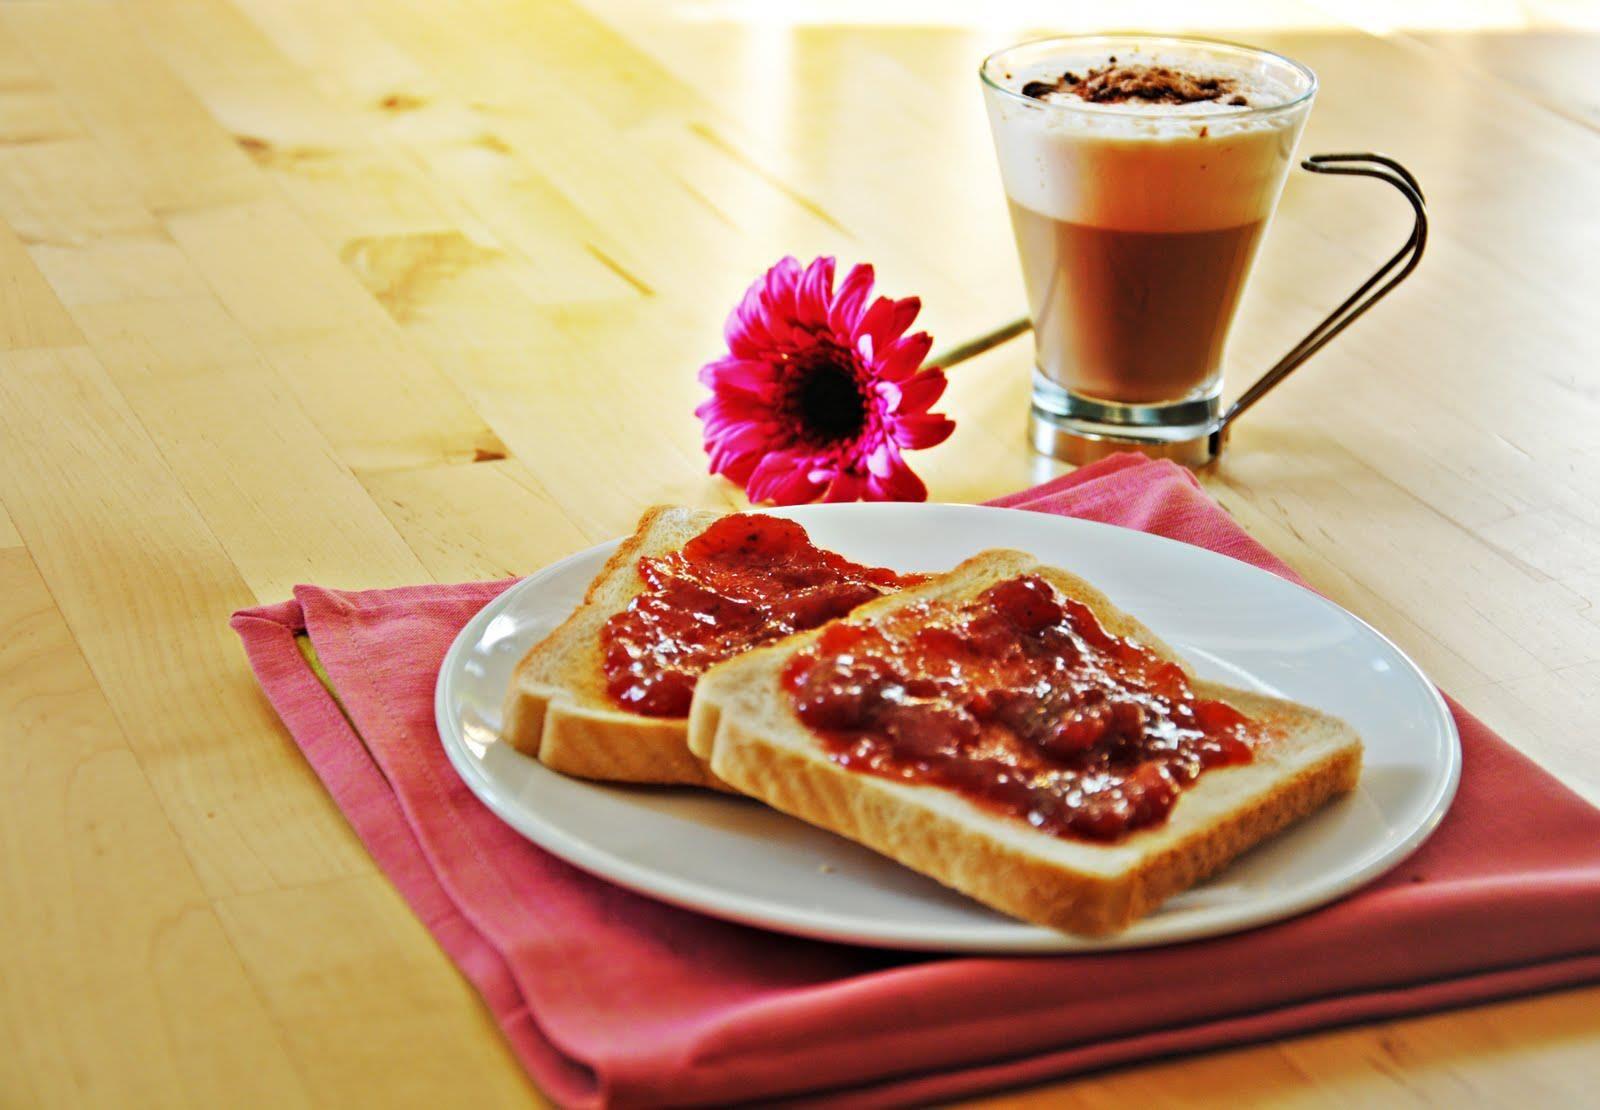 La mejor manera de iniciar el dia, un delicioso cafe, tostadas y mermelada  ...! Buenos dias!!!!   Snacks saludables, Desayuno, Pan tostado